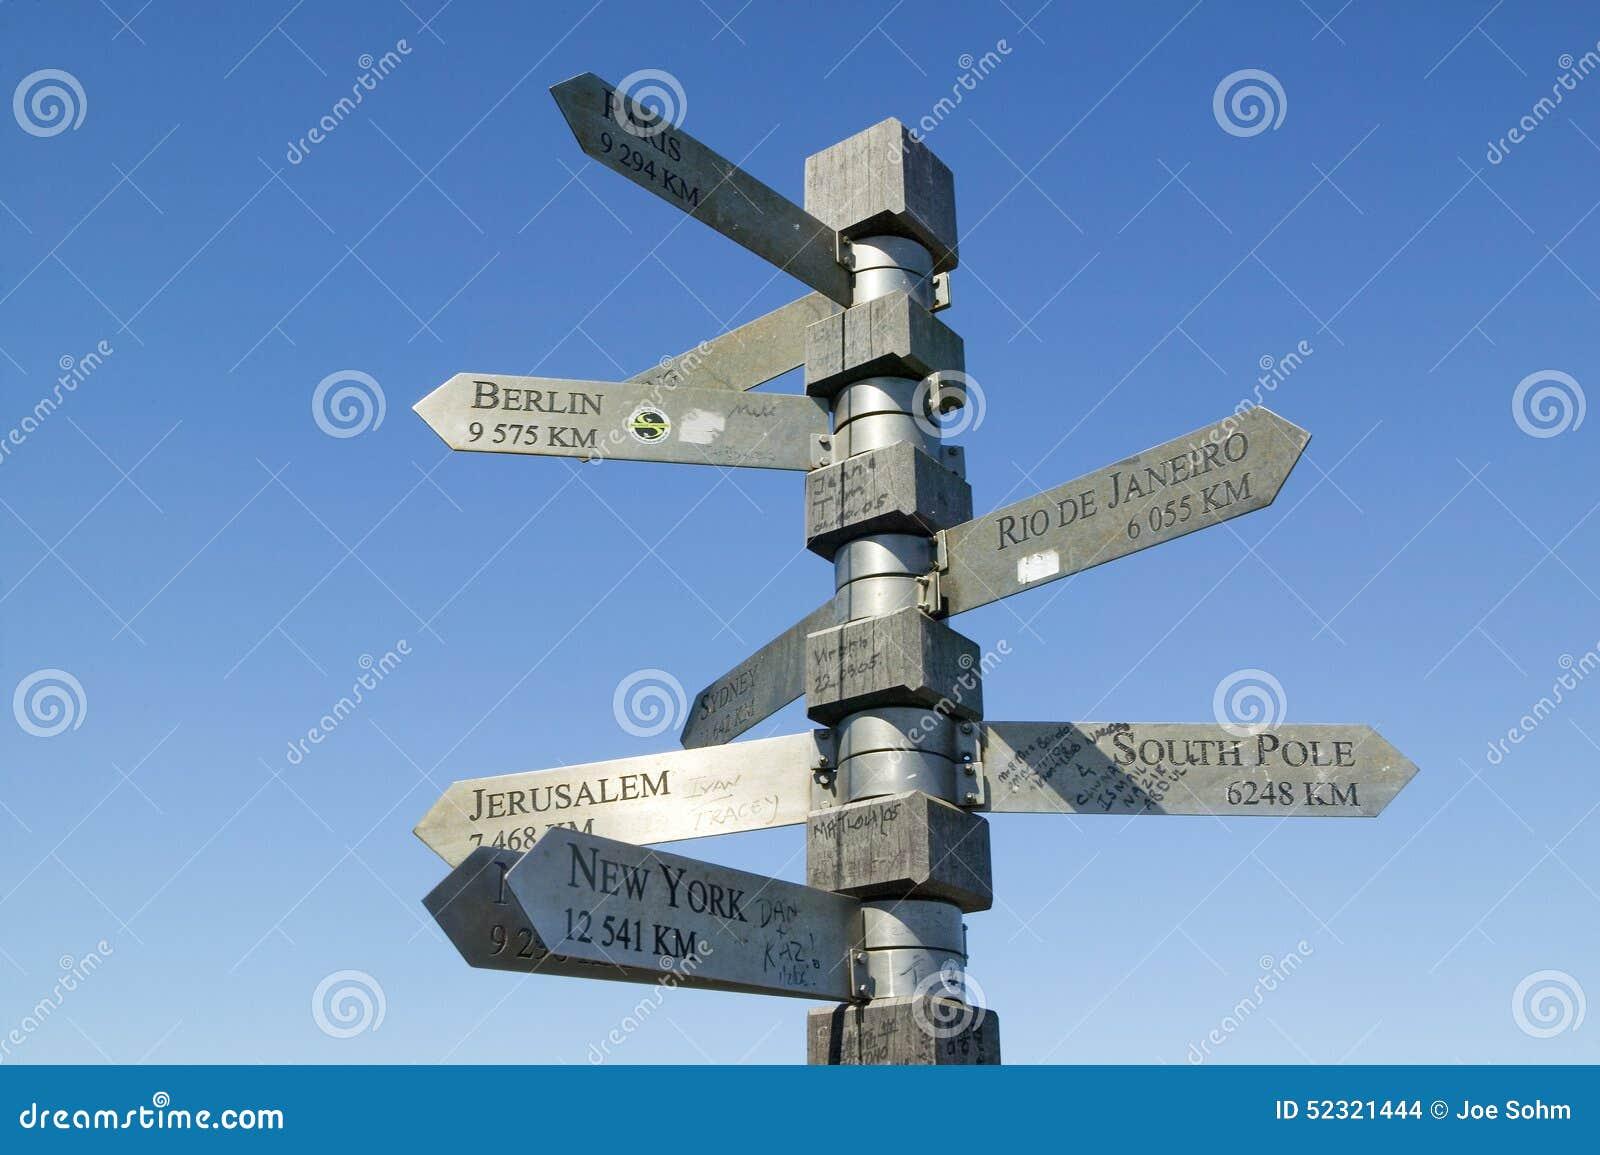 Zeichen Zeigen Mit Kilometersummen Nach Berlin Jerusalem New York